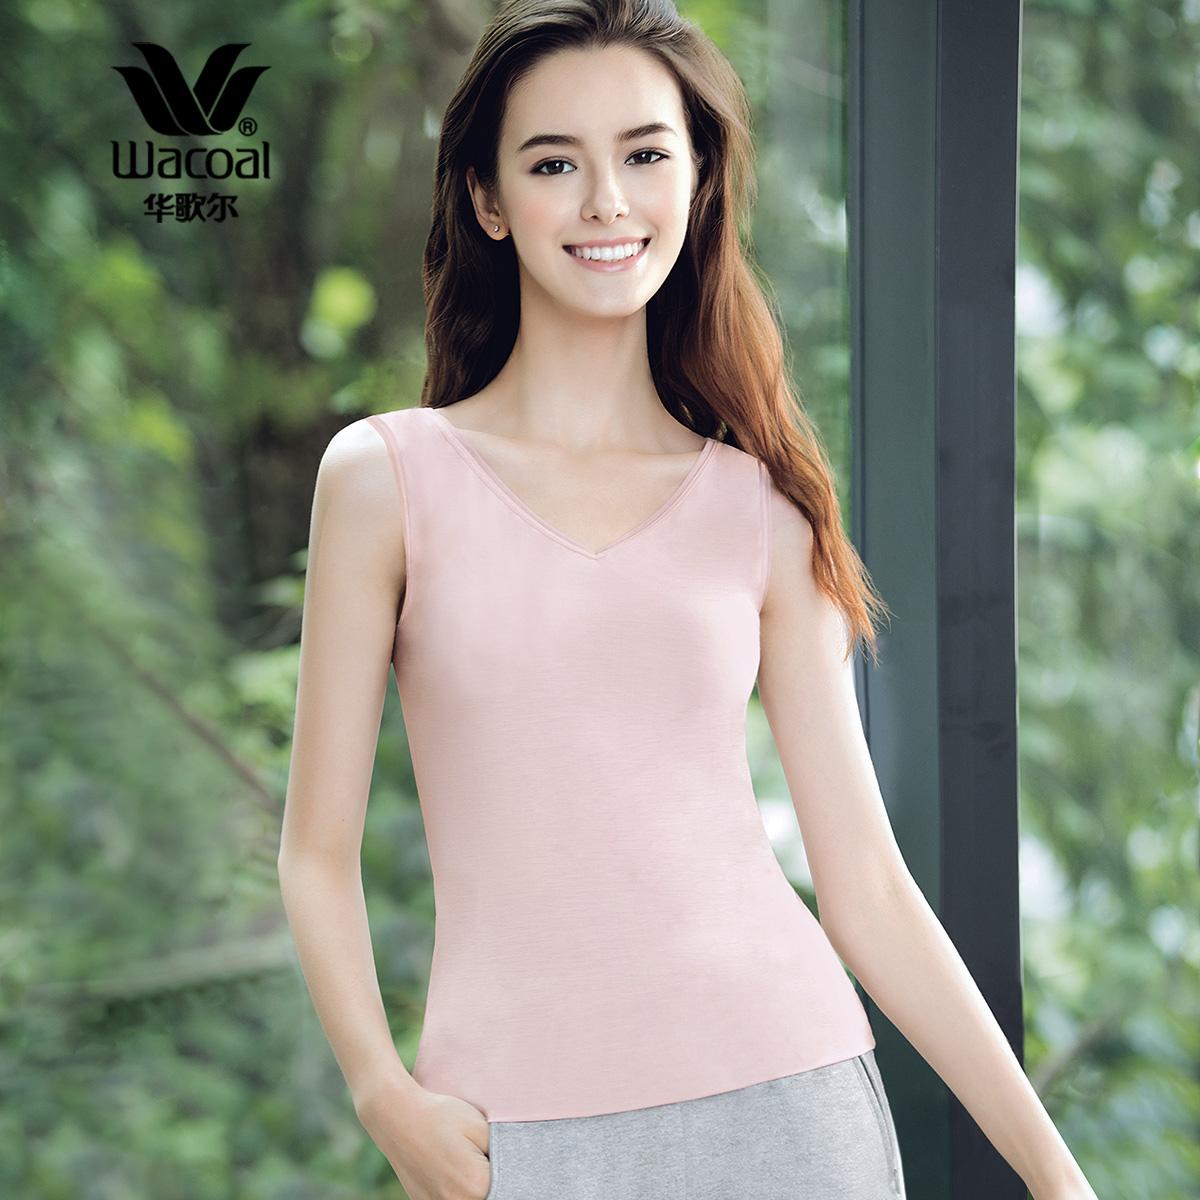 华歌尔Wacoal 薄款 柔软亲肤莫代尔女式背心款保暖衣 WV5208